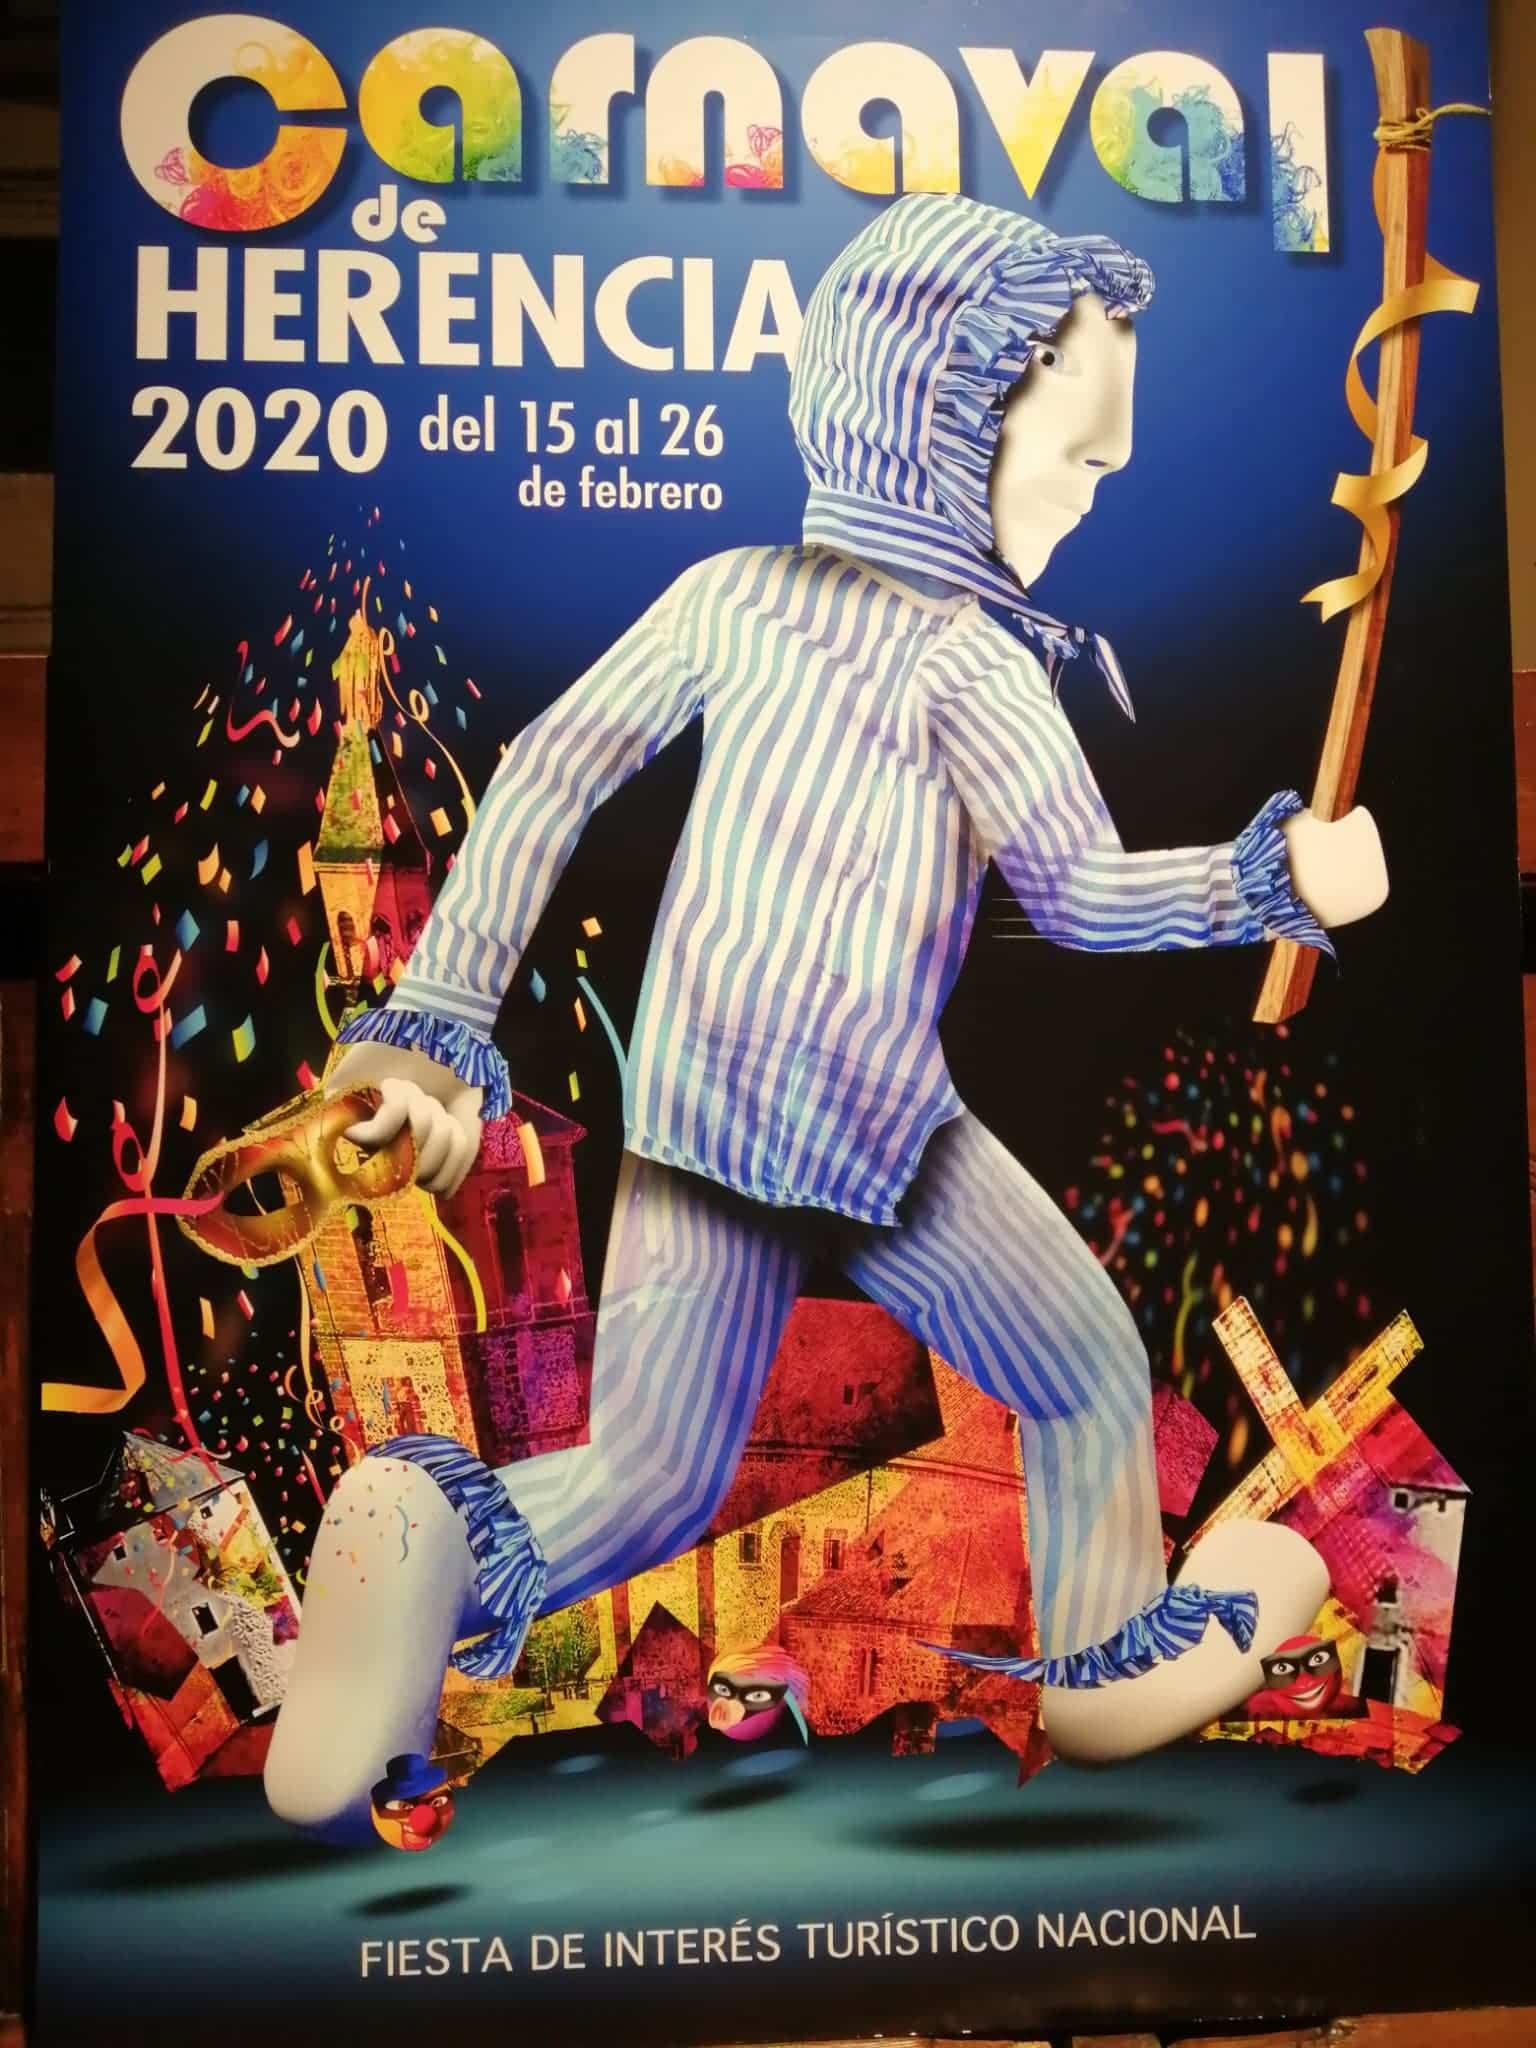 cartel ganador carnaval de herencia 2020 - El Carnaval de Herencia 2020 ya tiene imagen